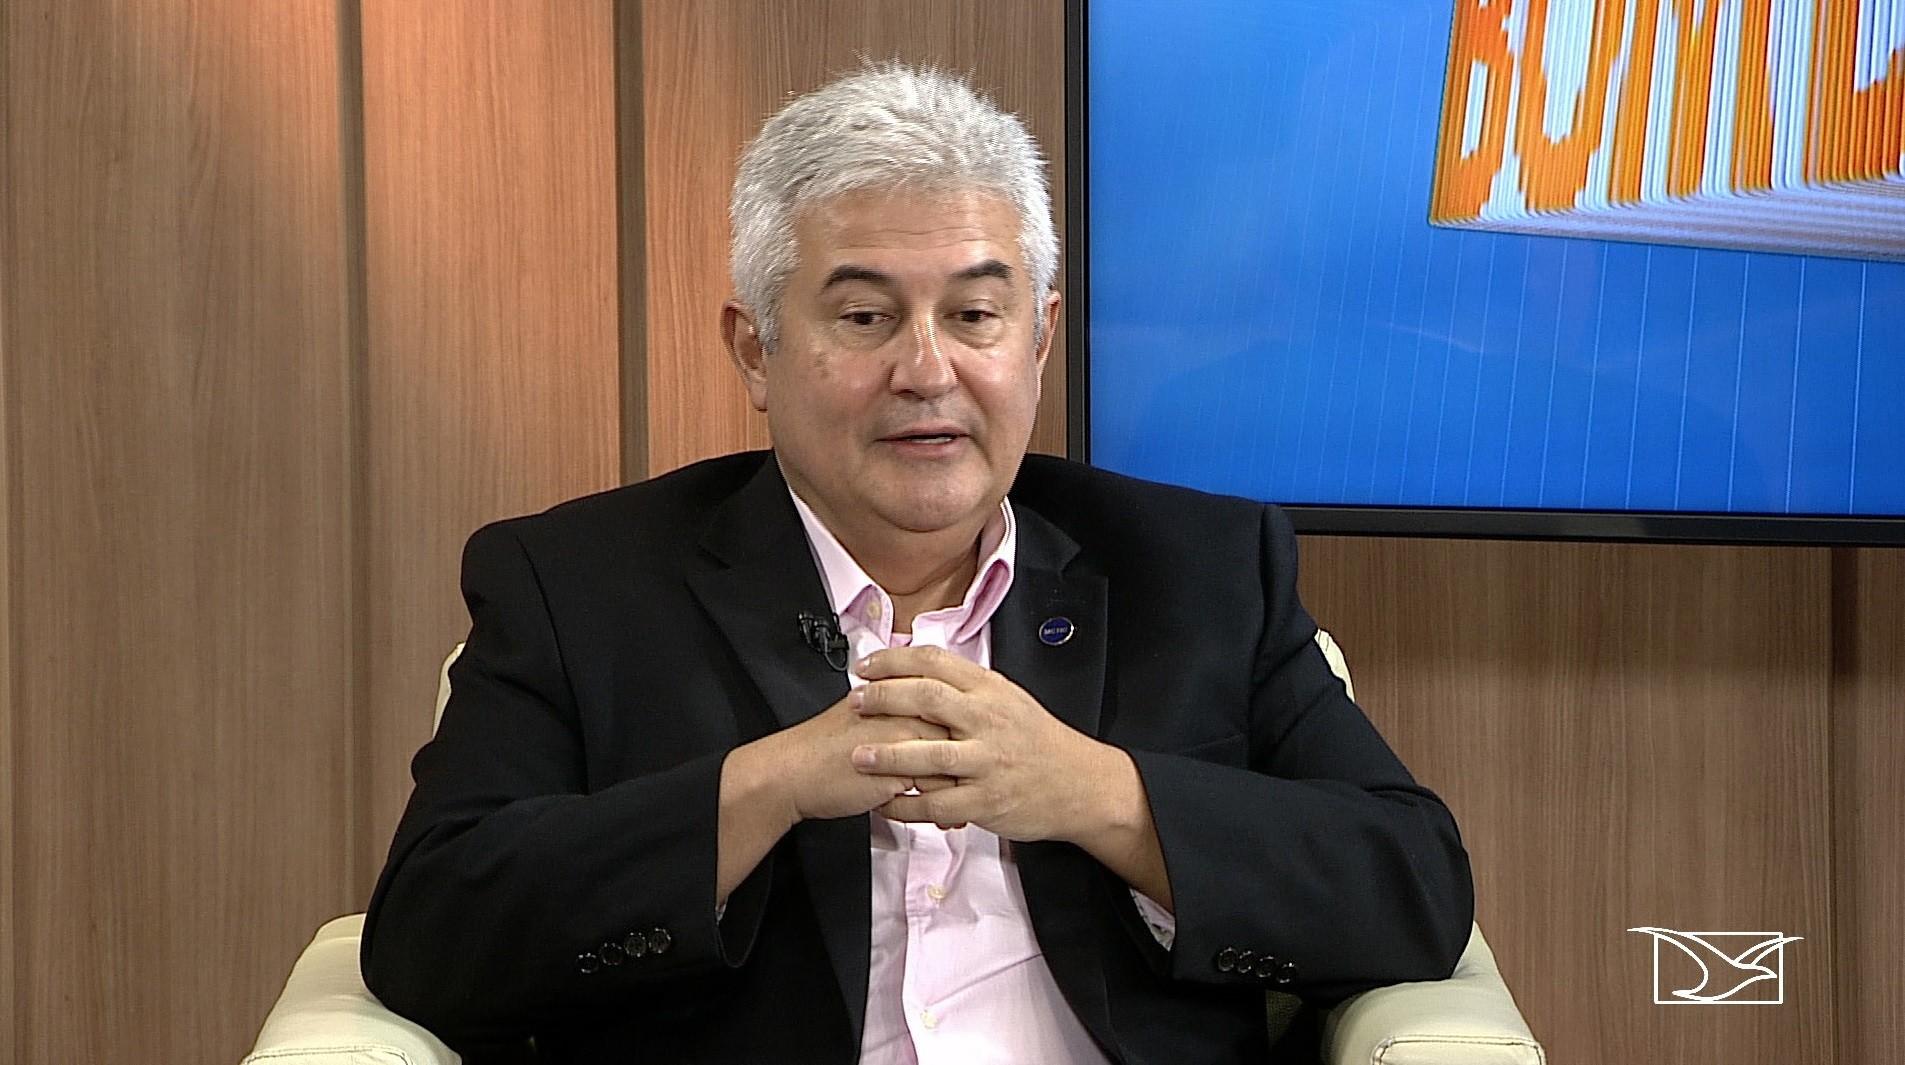 Ministro Marcos Pontes explica acordo para uso da base de Alcântara pelos EUA